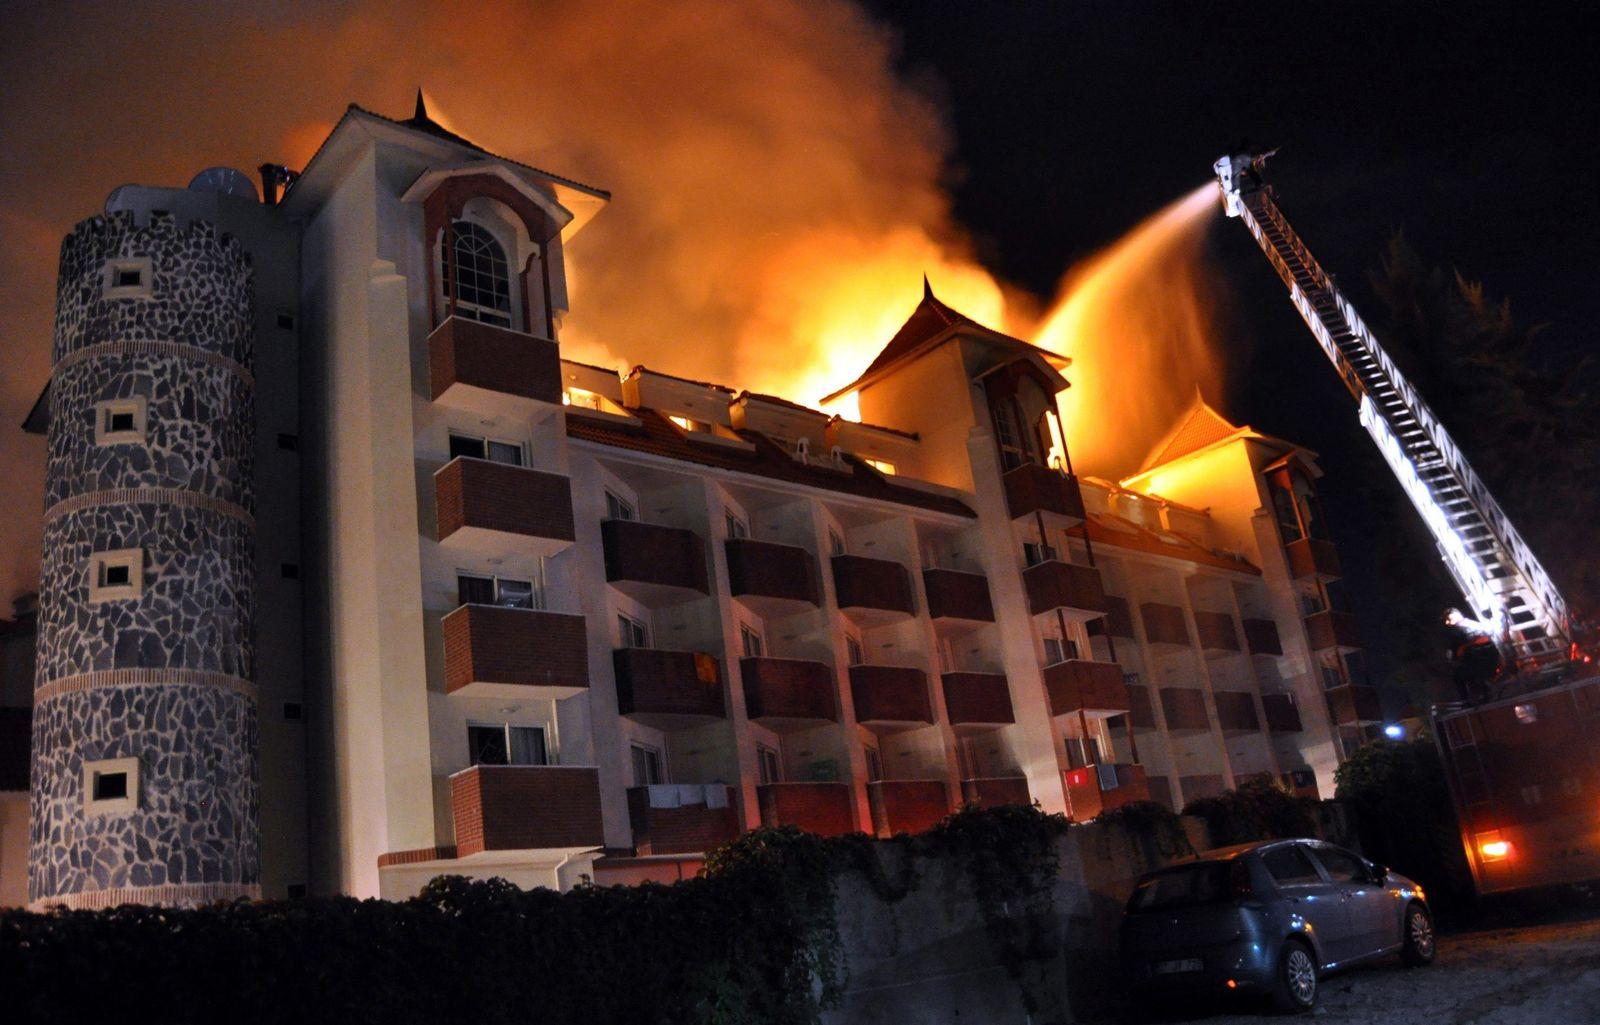 Hotelbrand in der Türkei